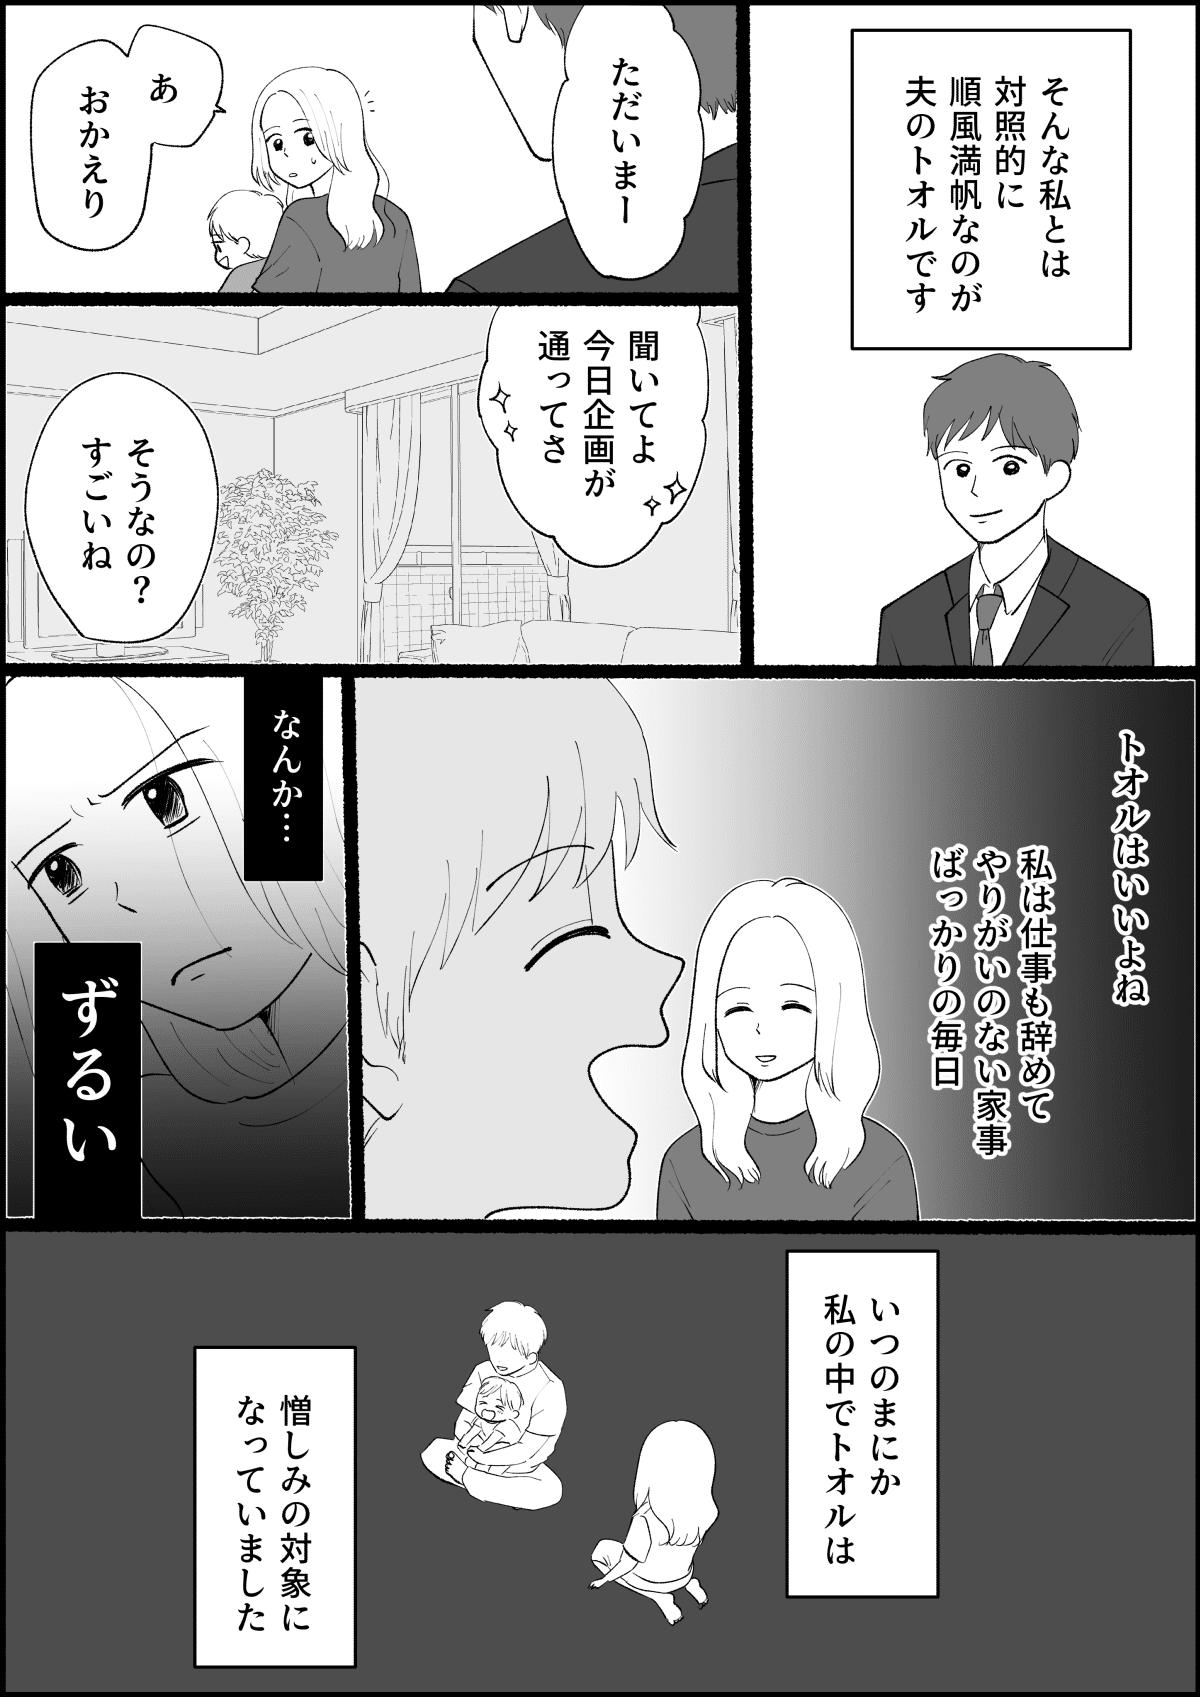 産後クライシス_003